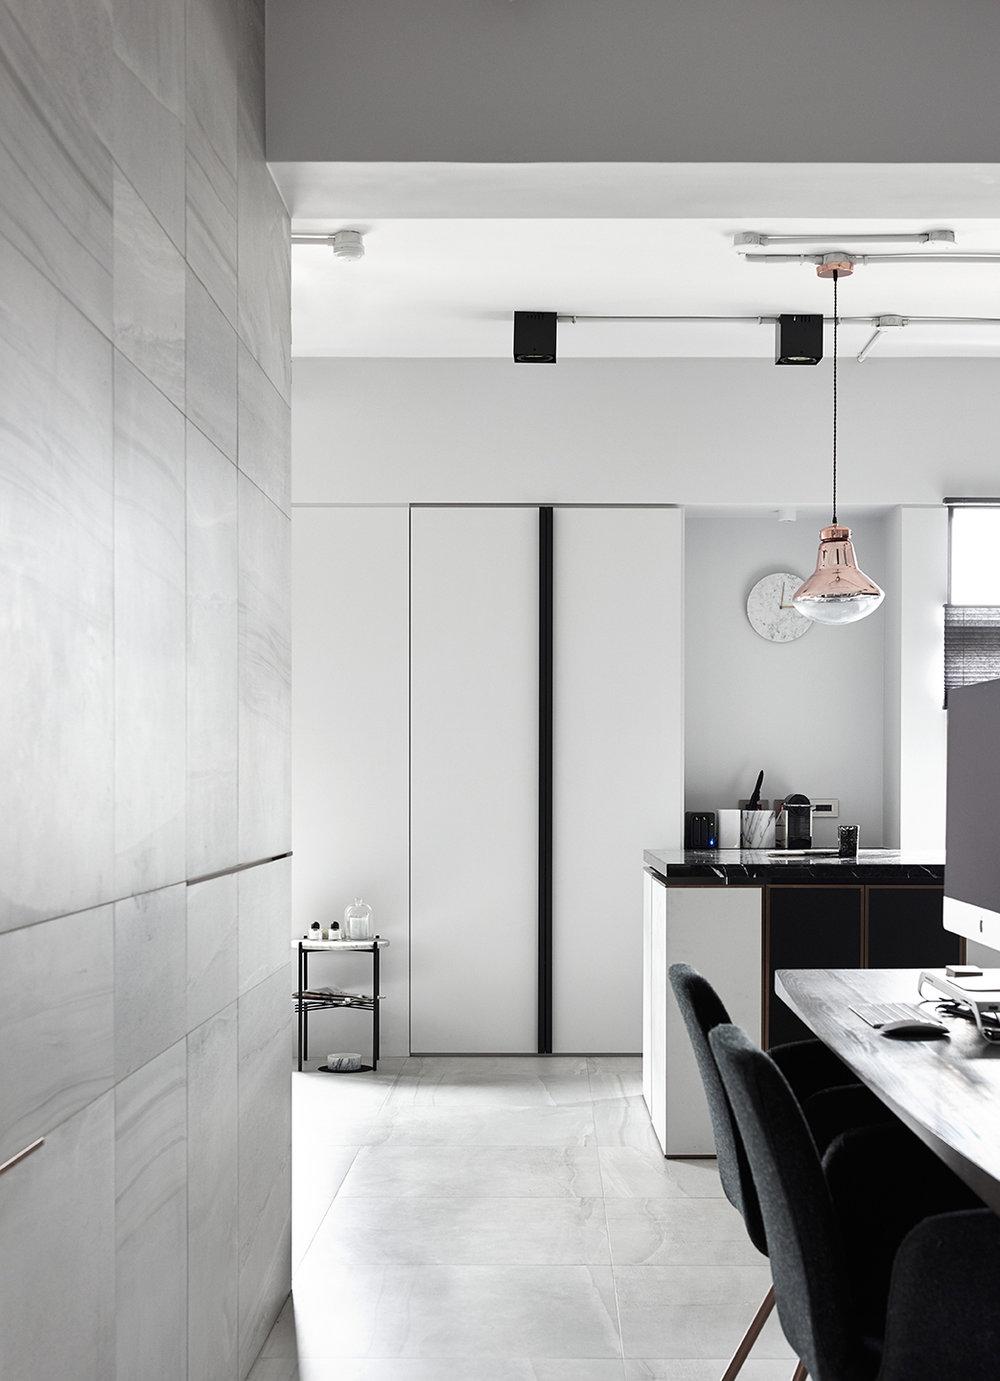 AAAID,商業空間設計,室內設計,選物店辦公室